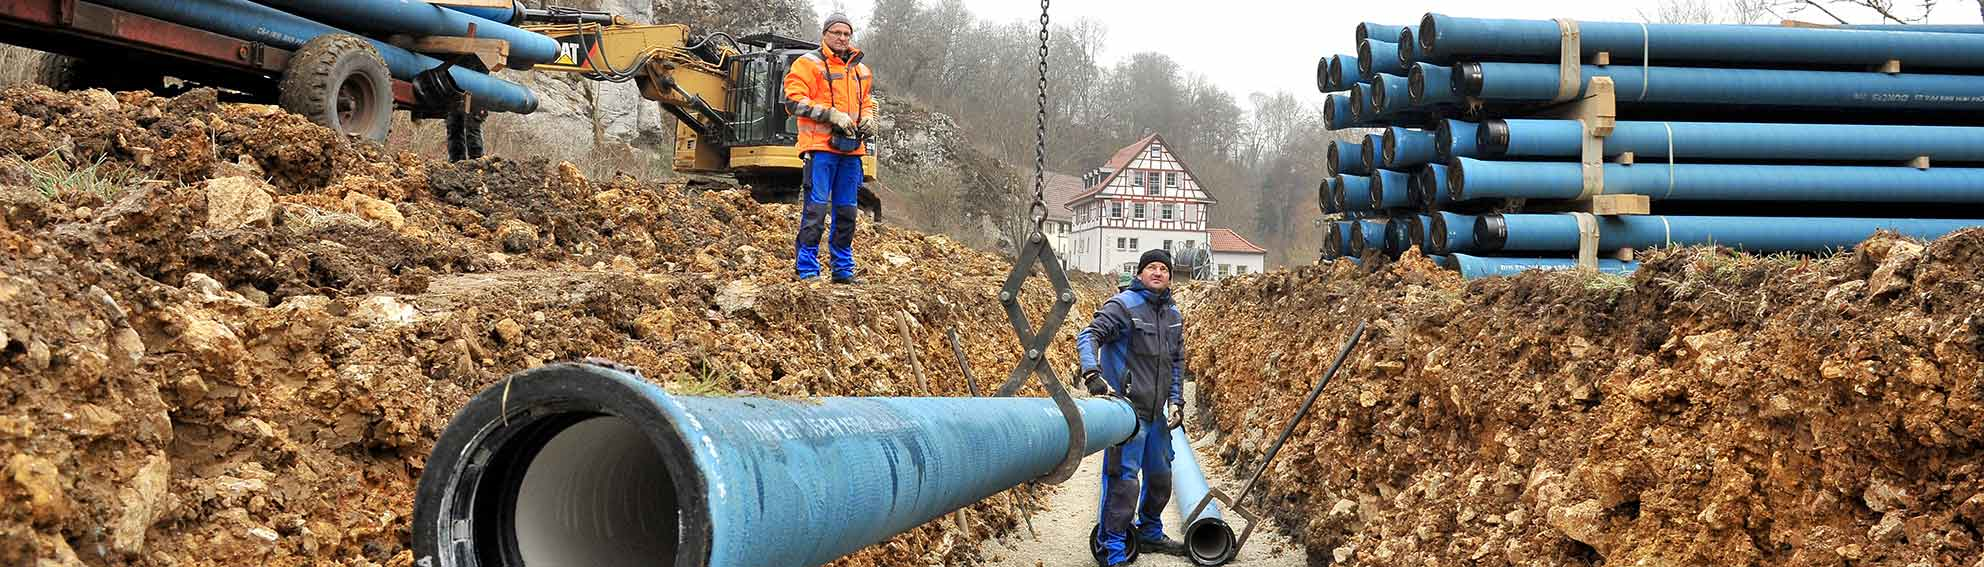 Kanalbau Rohrleitungsbau Mössingen Tübingen Flammer